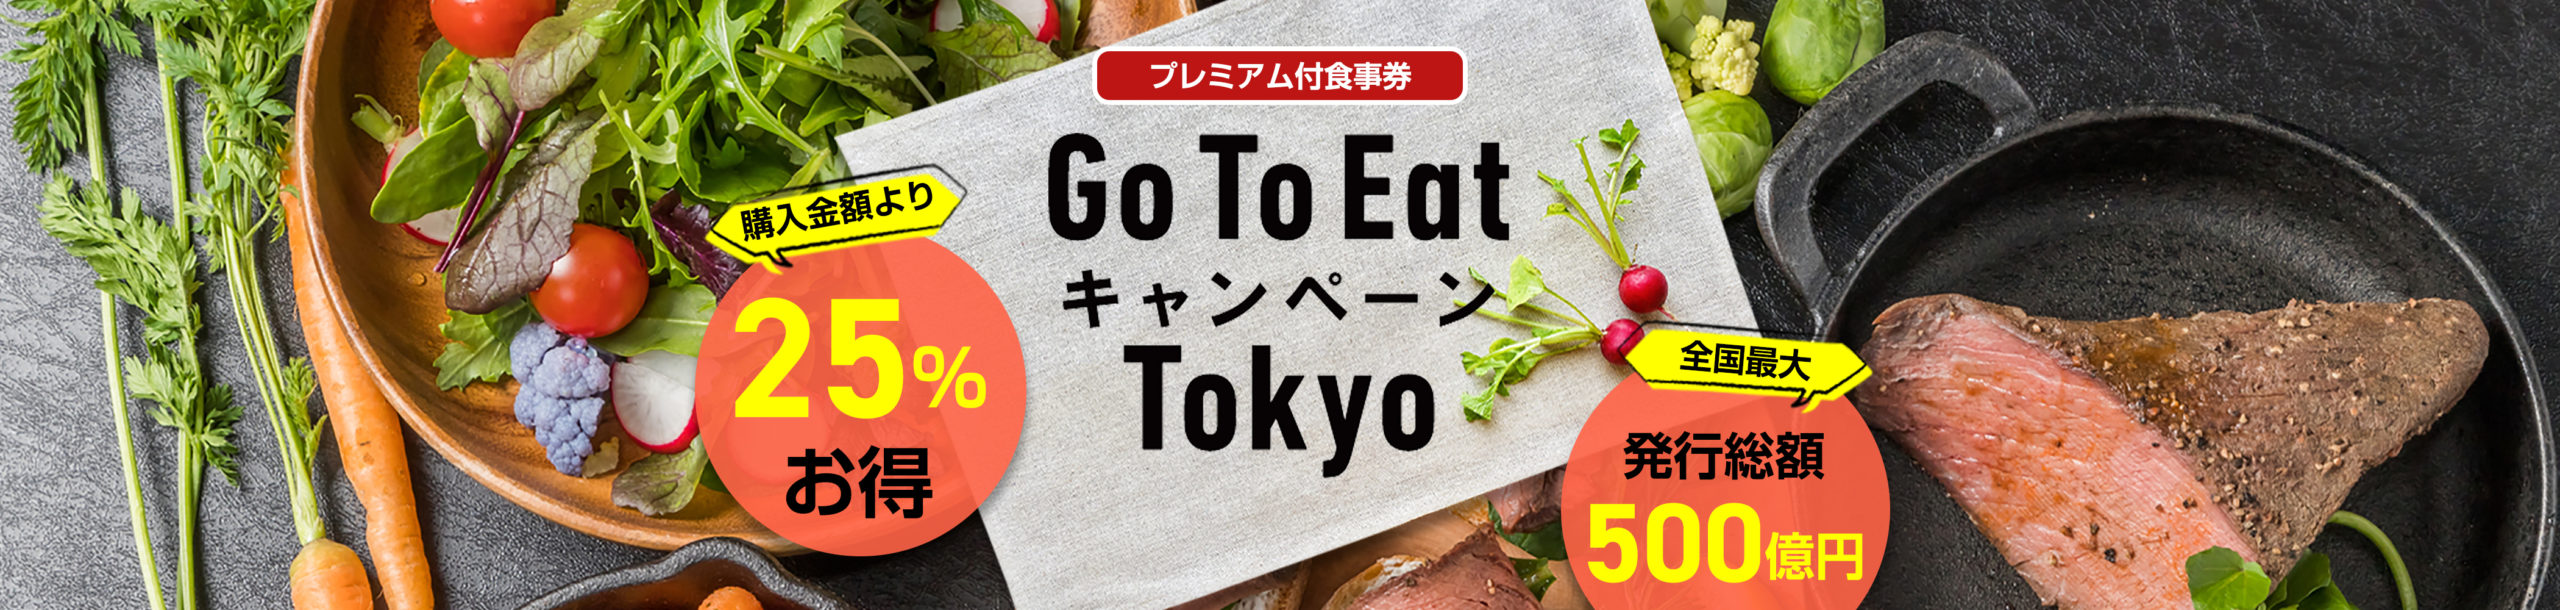 Go To Eat Tokyo食事券が2/8再開へ。これで外食しまくれるな。